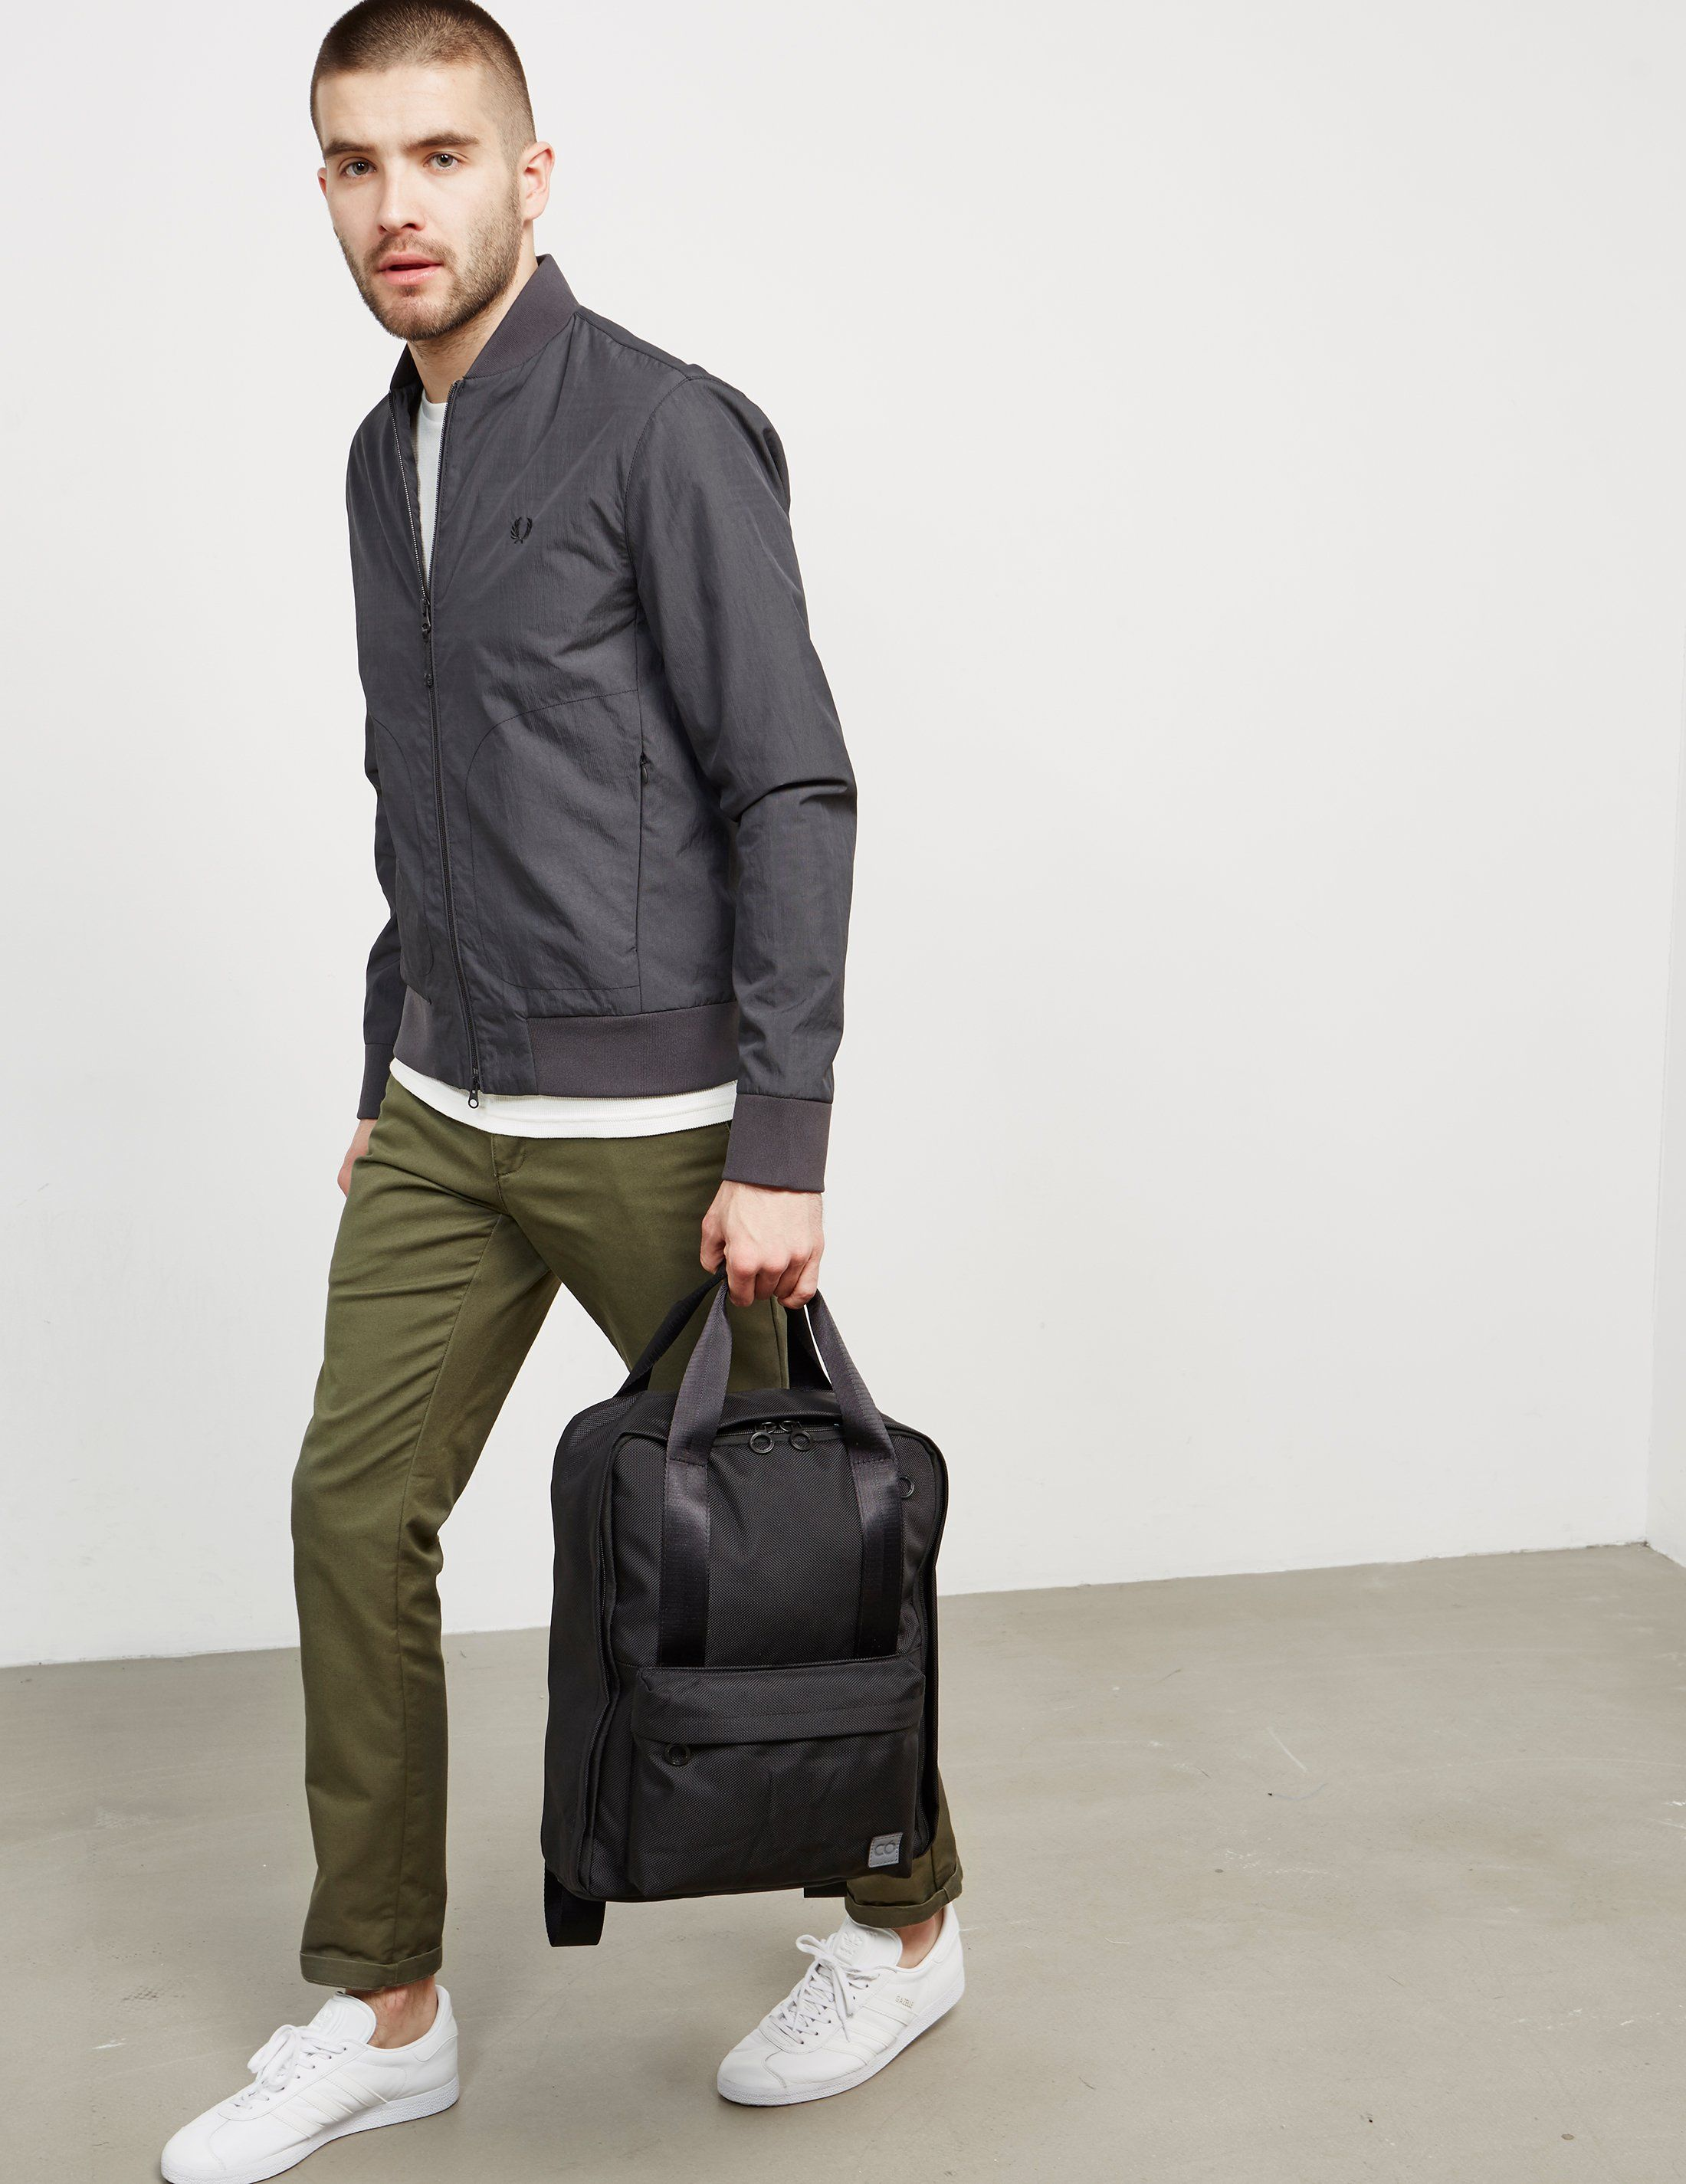 C6 Lepton Bag